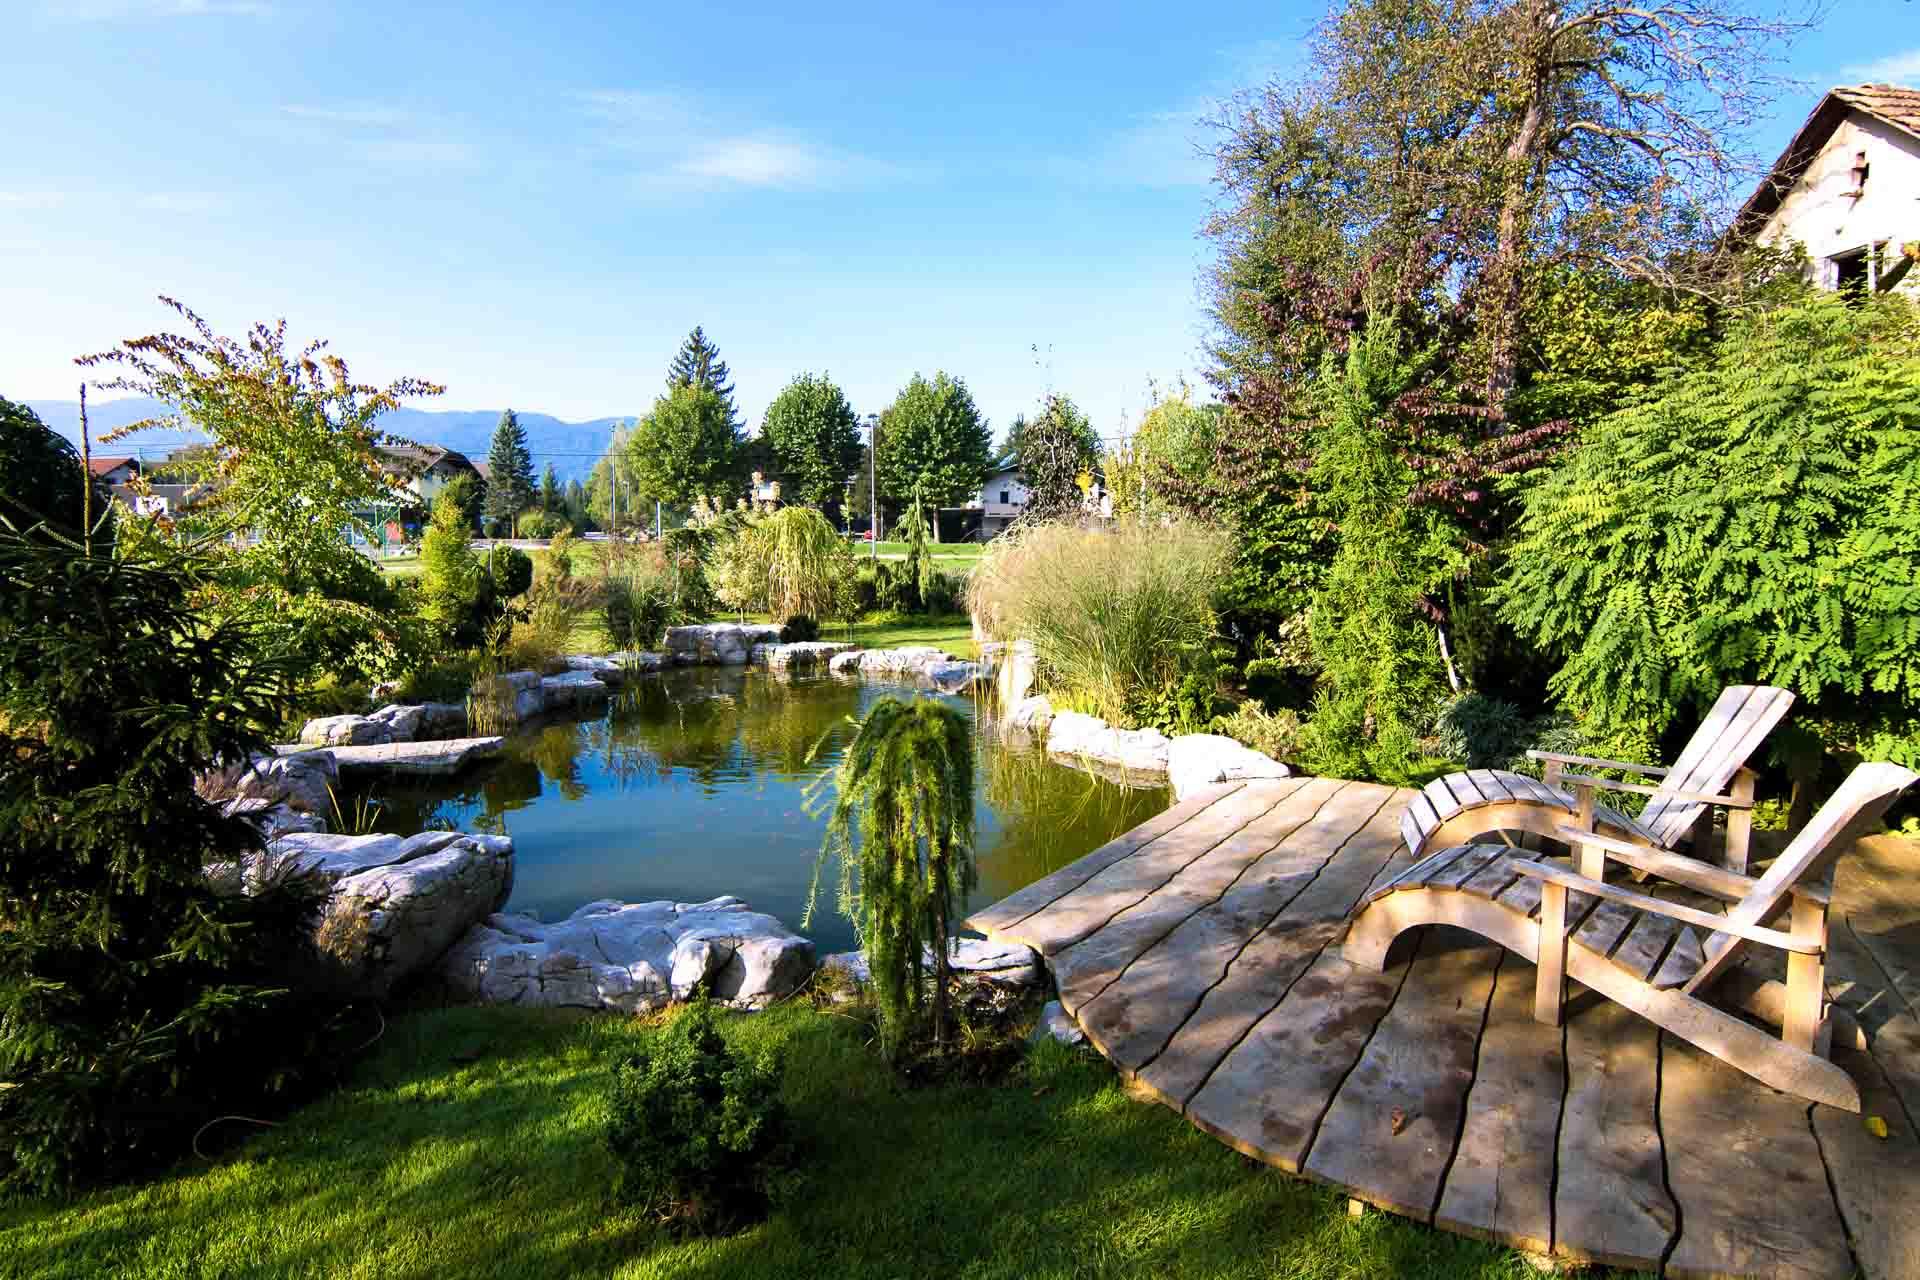 Gärten von Kilian